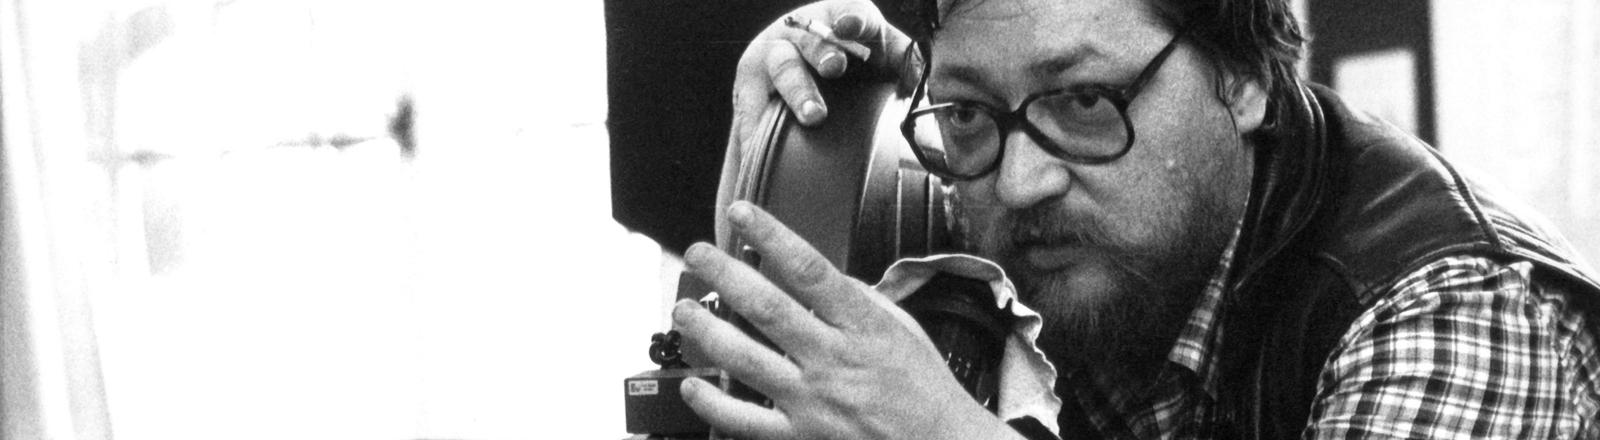 """Der Regisseur und Filmproduzent während der Dreharbeiten zu dem Film """"Lola"""" am 14. Mai 1981 in München."""